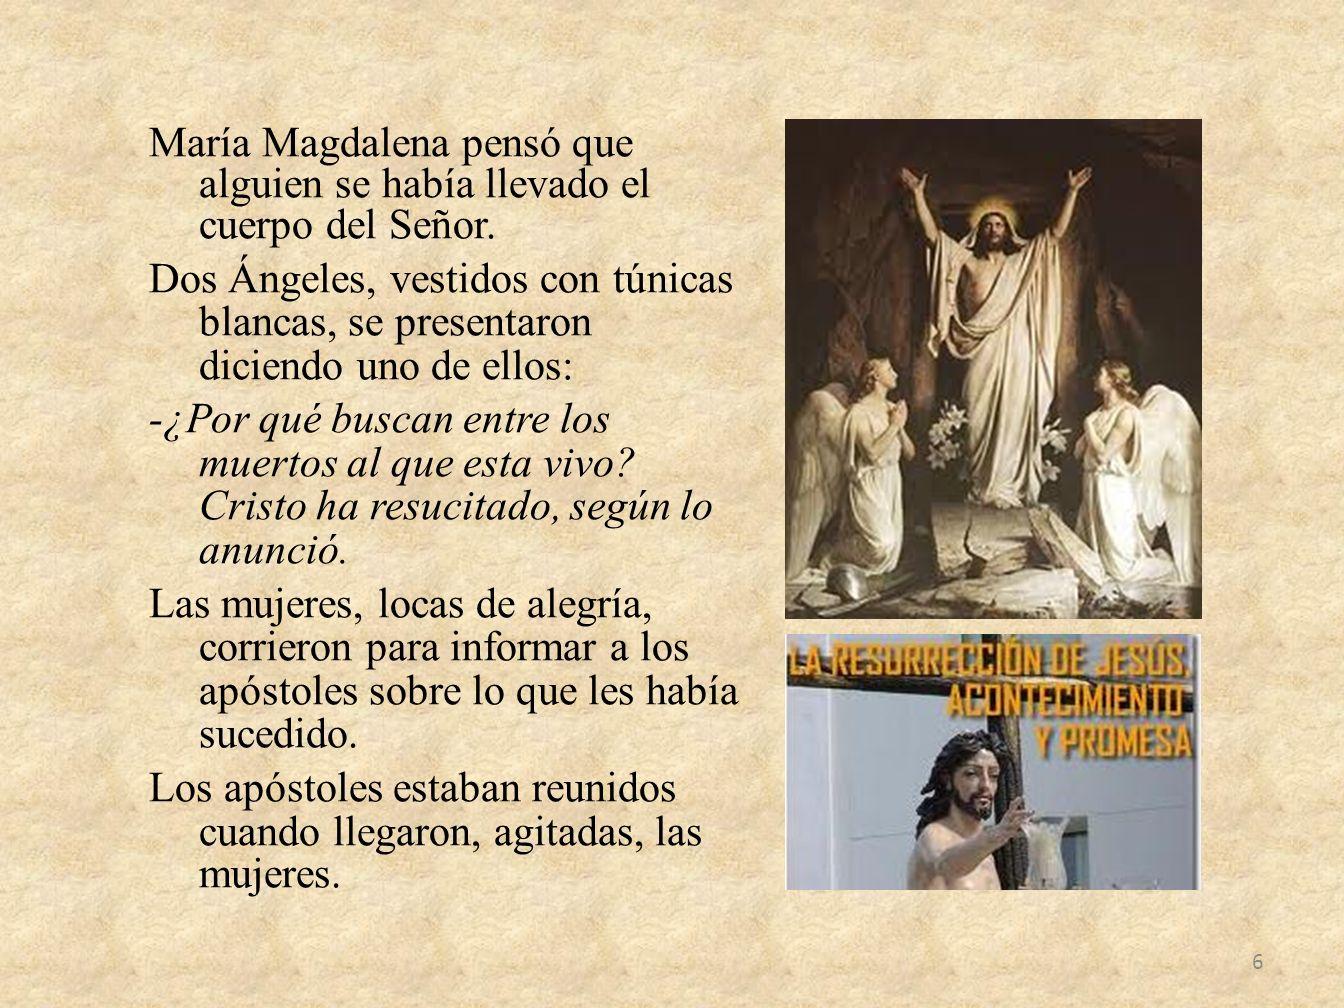 María Magdalena pensó que alguien se había llevado el cuerpo del Señor. Dos Ángeles, vestidos con túnicas blancas, se presentaron diciendo uno de ello